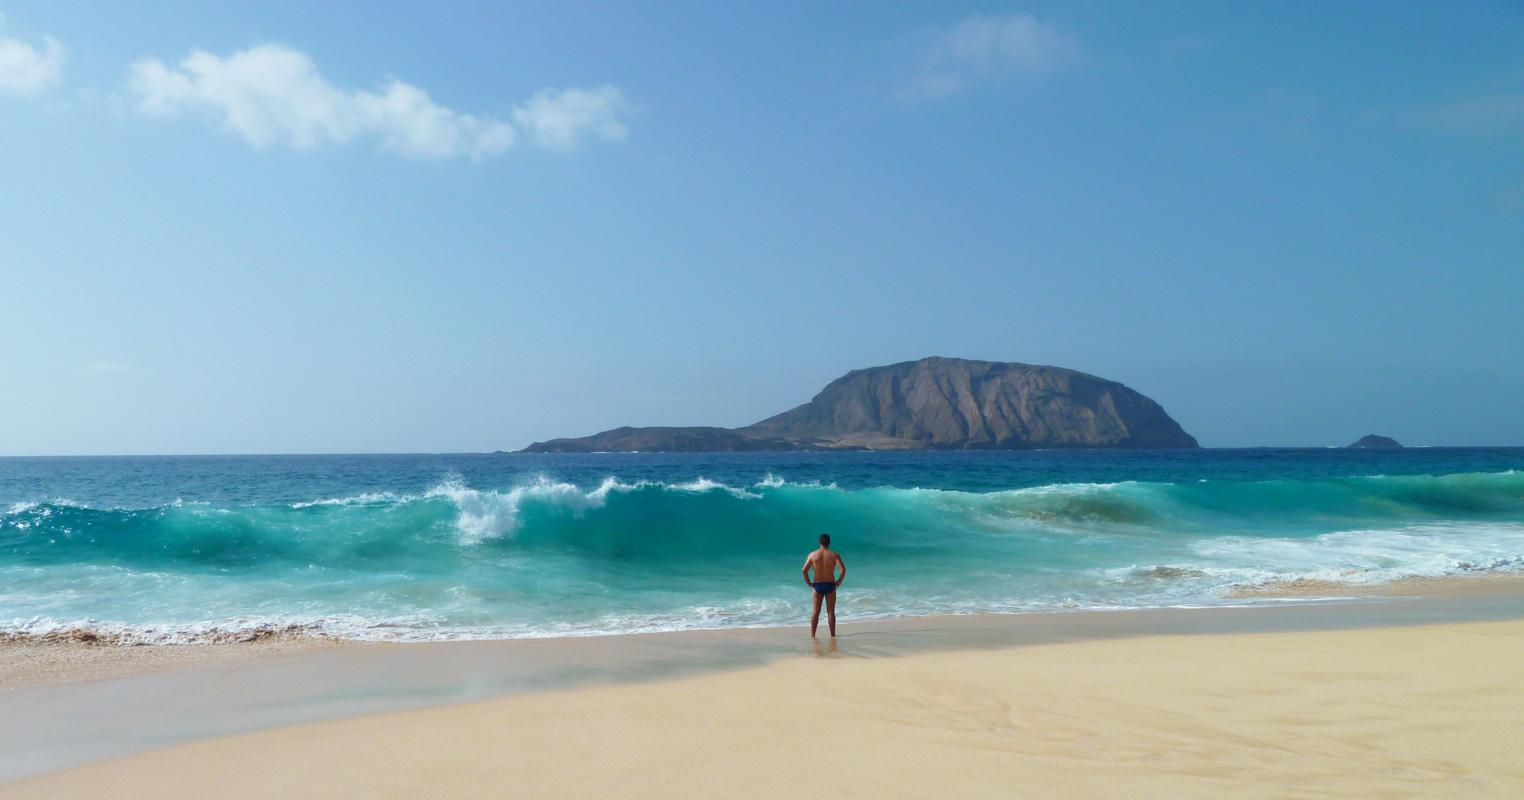 Itinerario de viaje en Lanzarote. Ruta una semana. La Graciosa. Playa de las Conchas